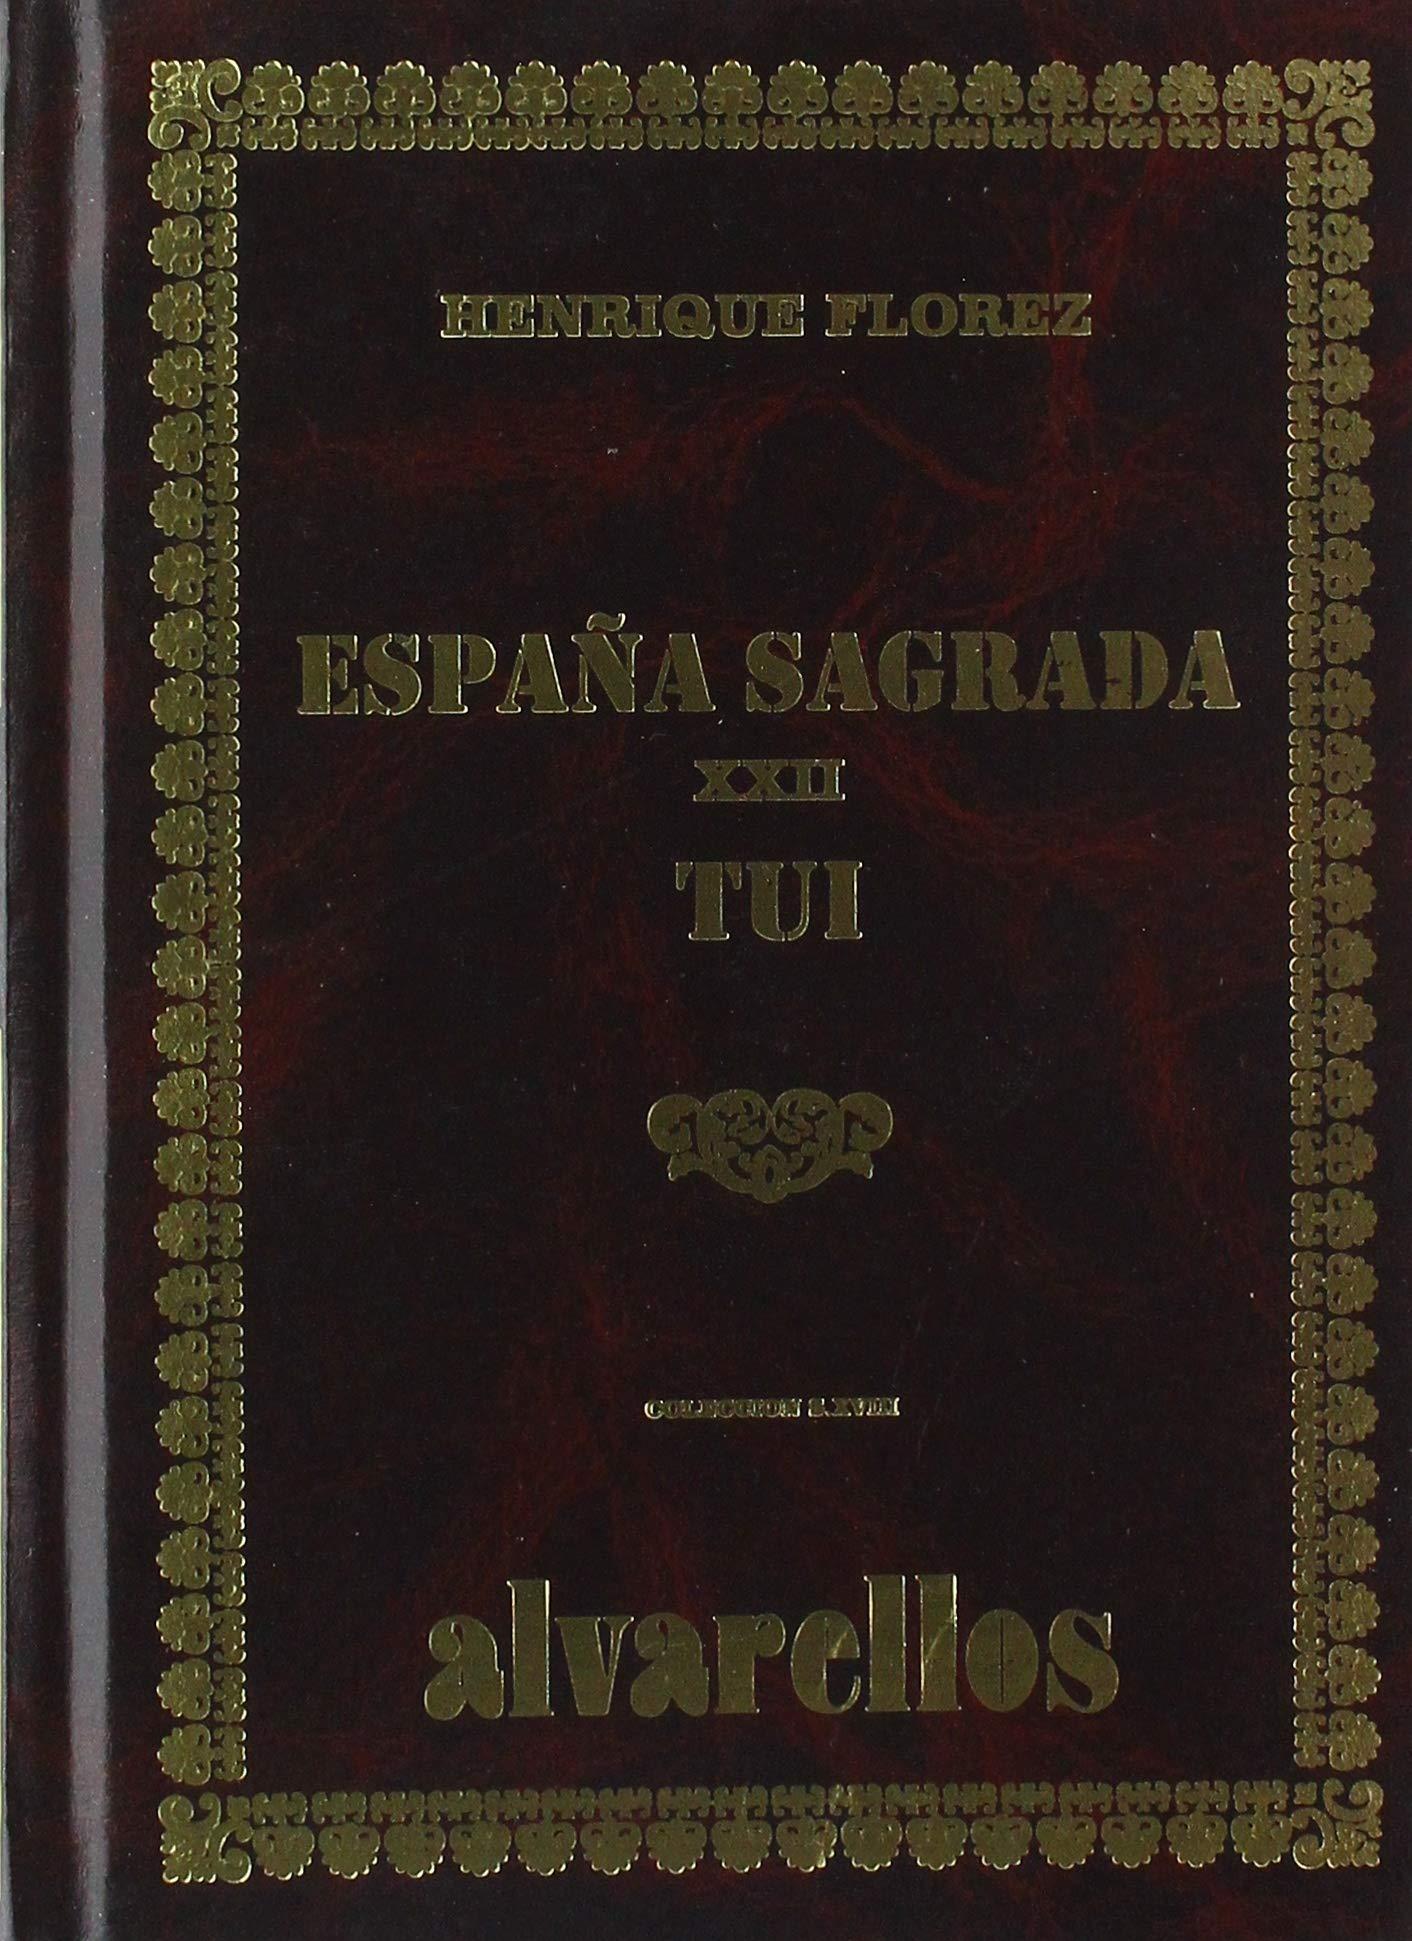 España Sagrada XXII Tui. Tomo I Facsímiles S. XVIII-XX: Amazon.es: Flórez, Henrigue: Libros